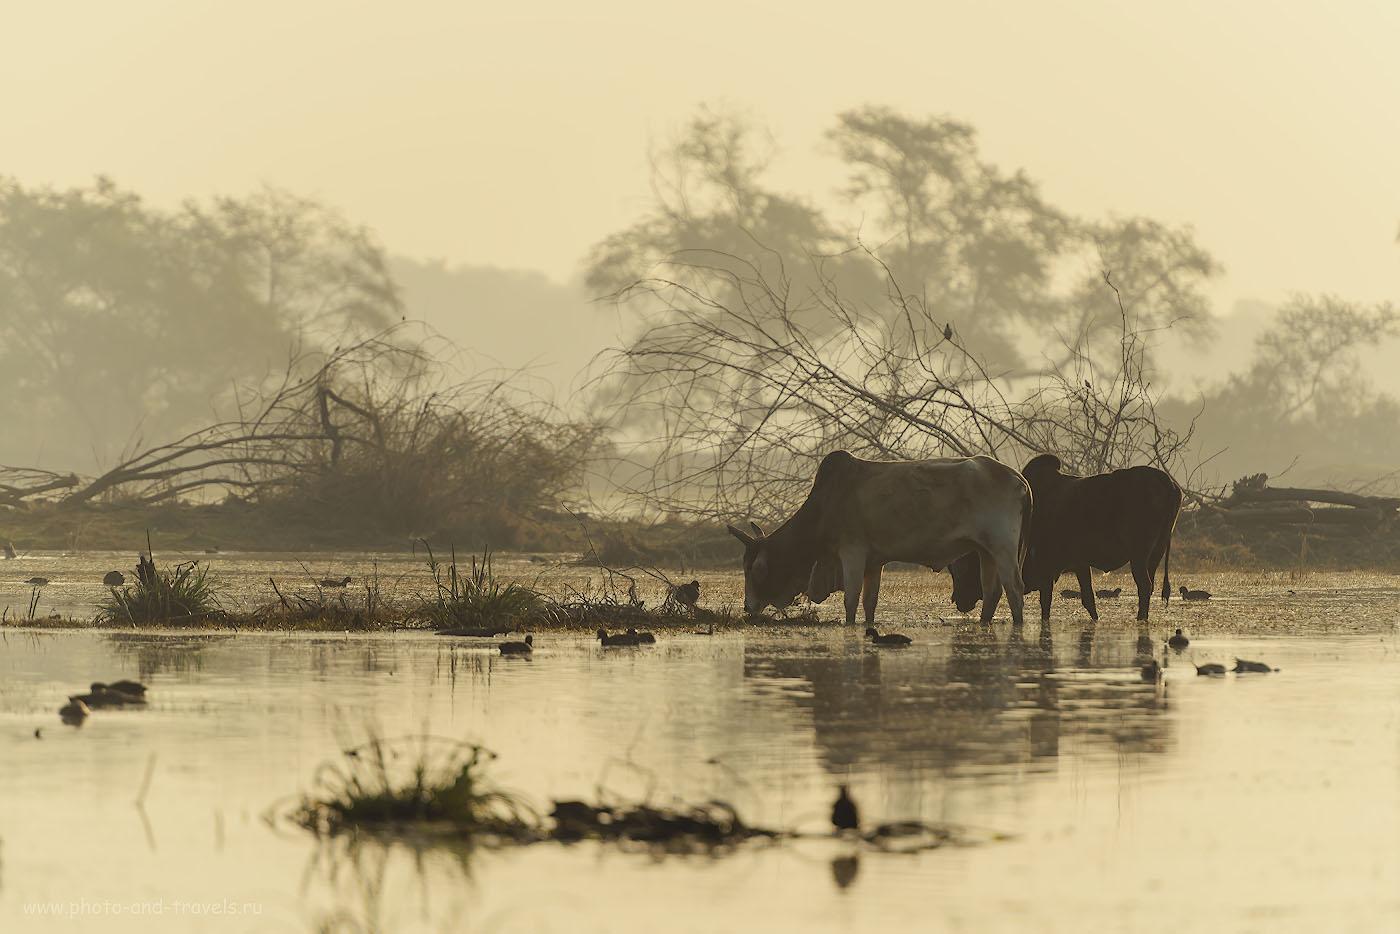 Фото 14. Отзывы о фотоохоте в Кеоладео. Если птиц не встретите, что вряд ли, хоть коров поснимаете. 1/1000, 4.0, 100, 280.